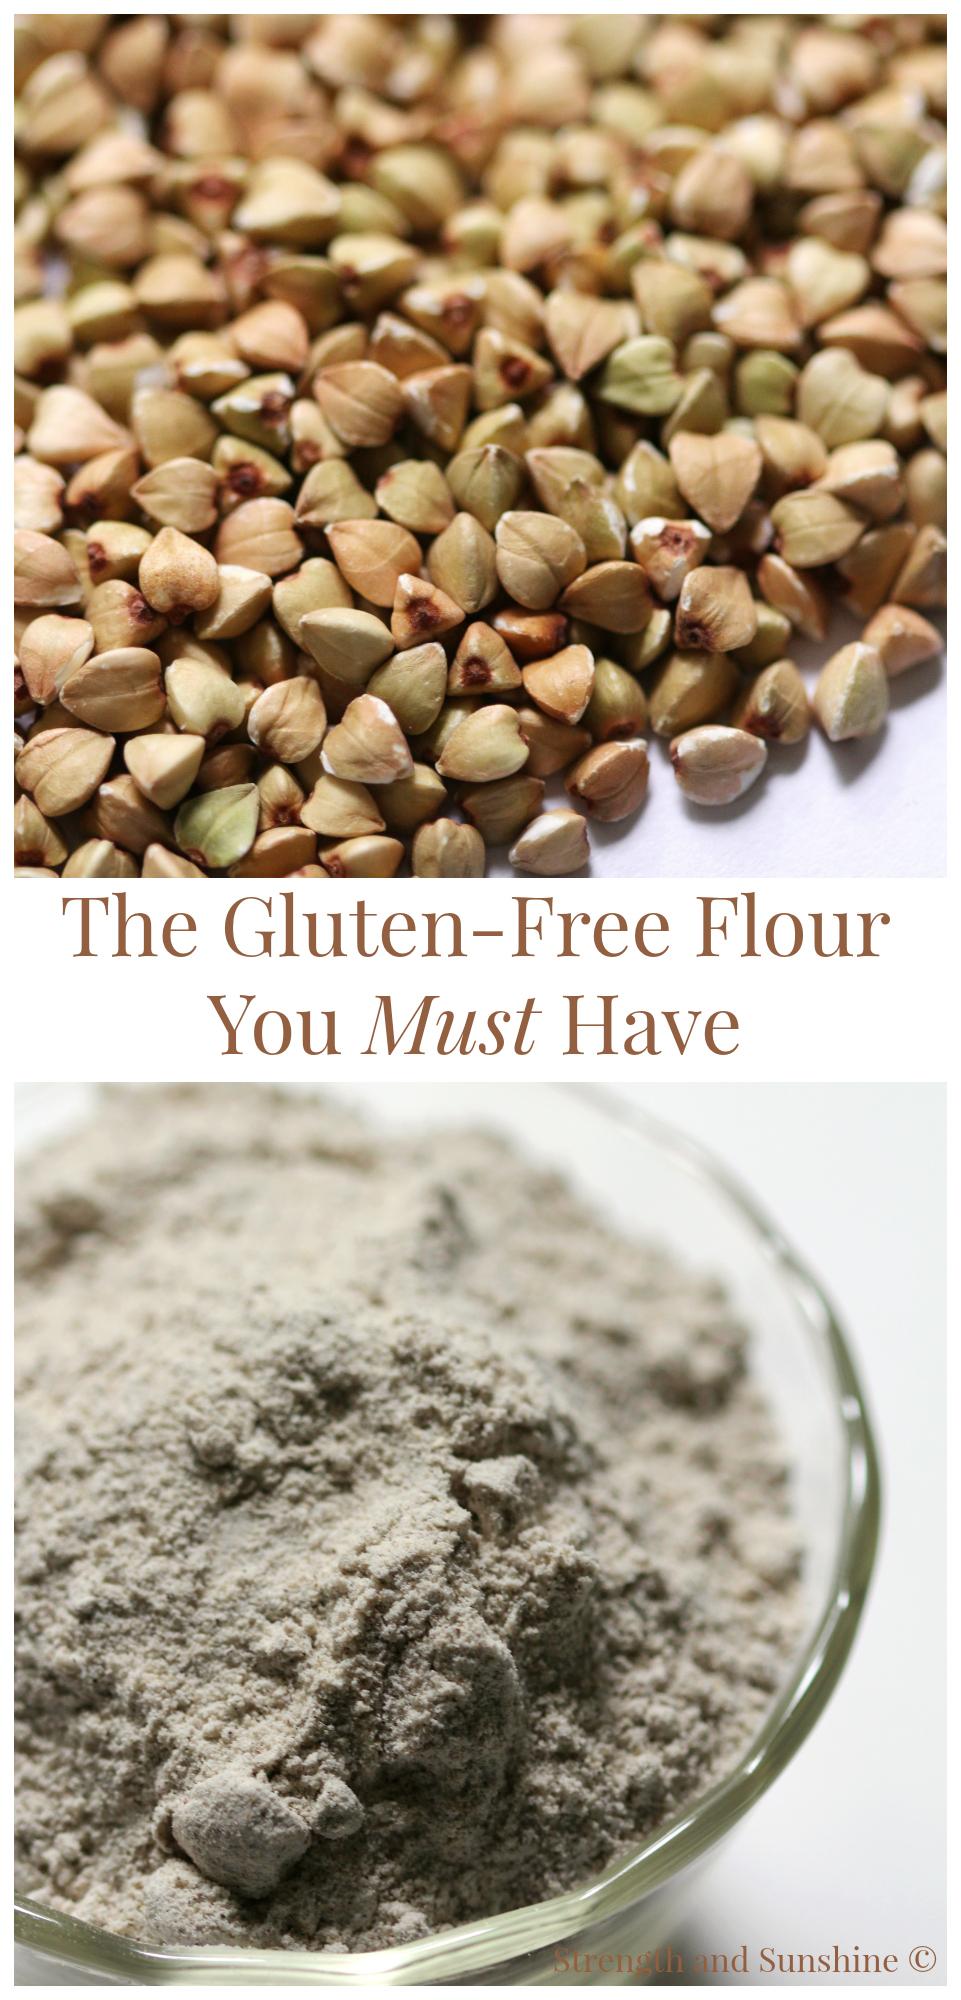 苦荞面粉-无麸质的面粉,麸质不耐受朋友的饮食首选